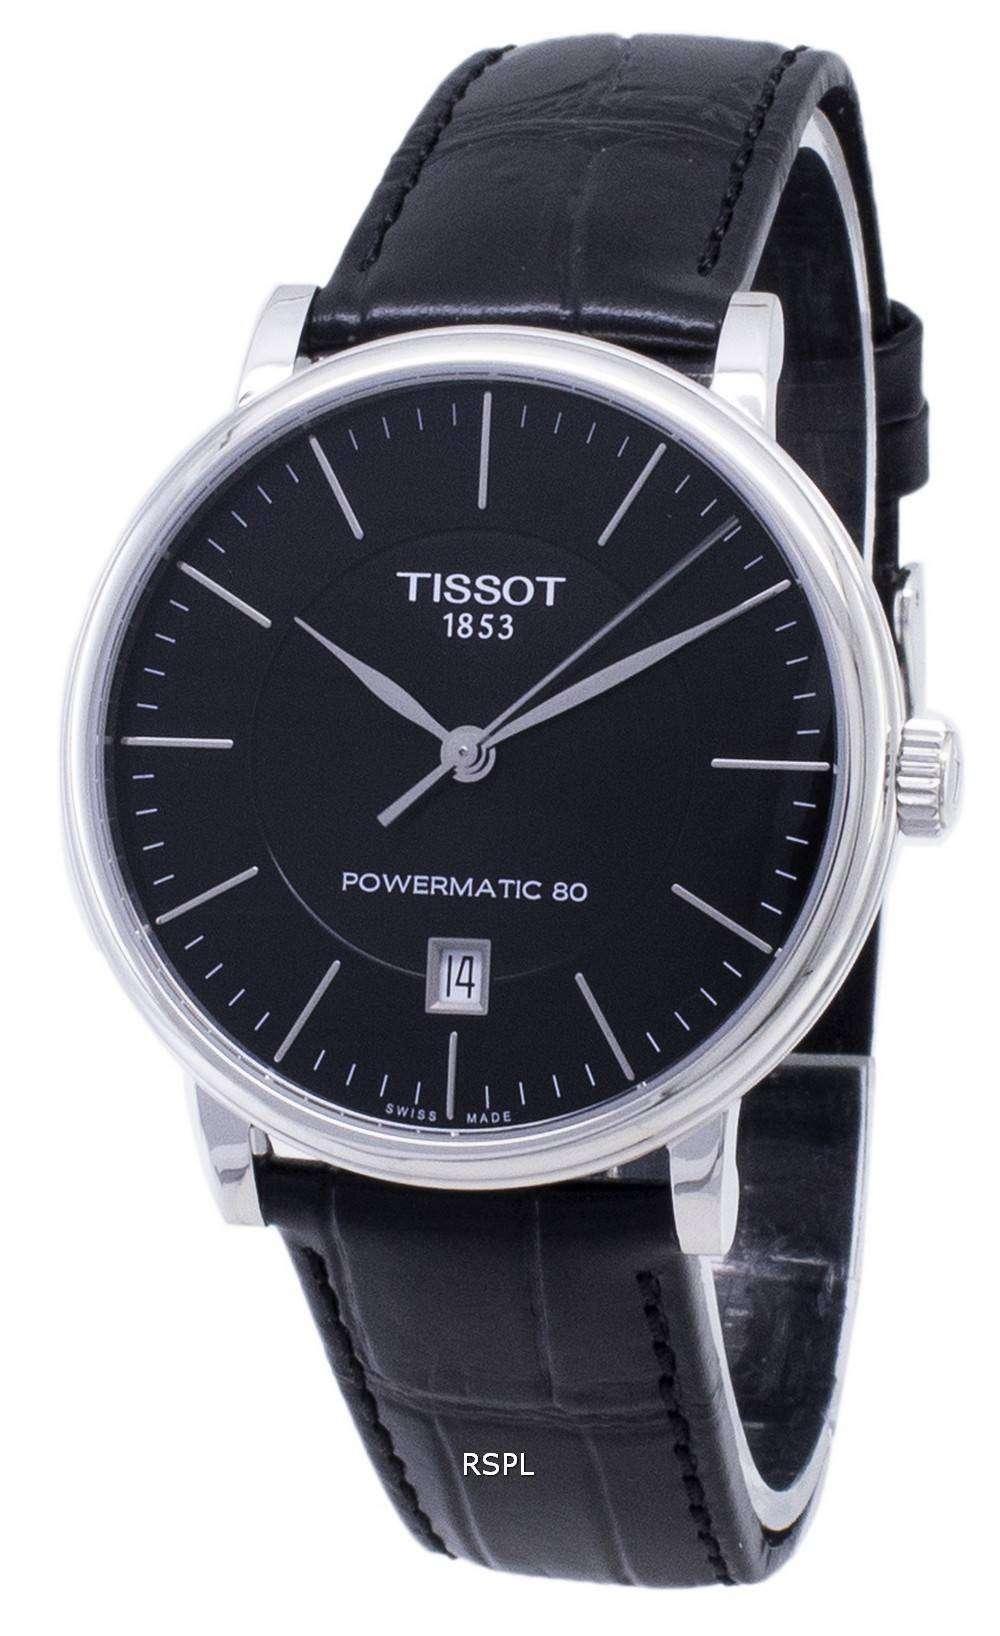 ティソ T-クラシックカーソン T 122.407.16.051.00 T1224071605100 Powermatic 80 メンズ腕時計